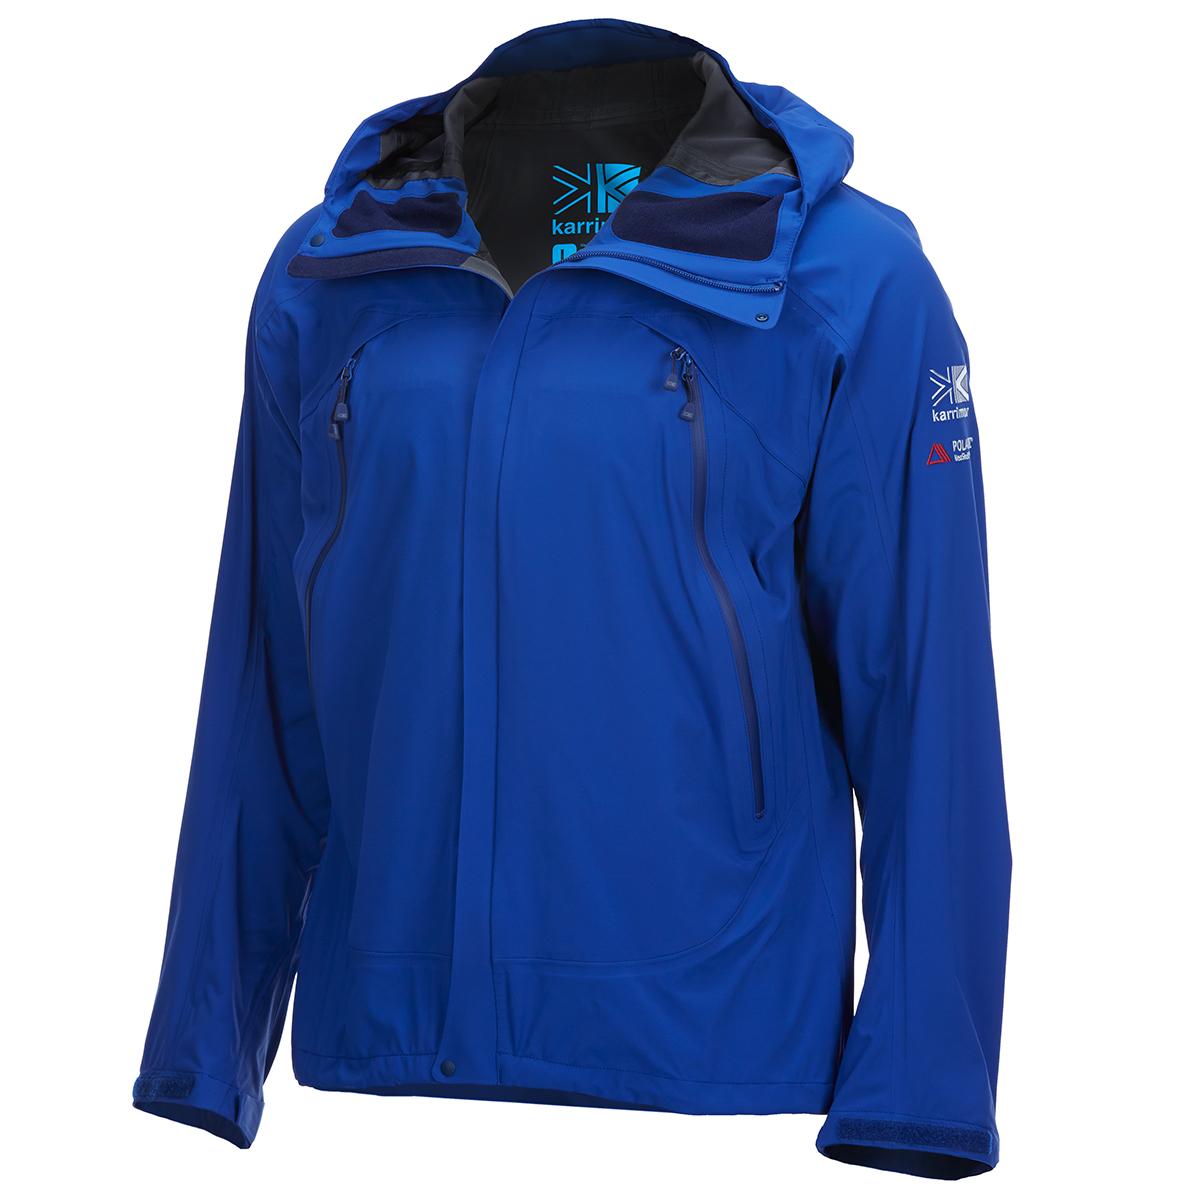 Karrimor Men's Boma Neoshell Shell Jacket - Blue, L